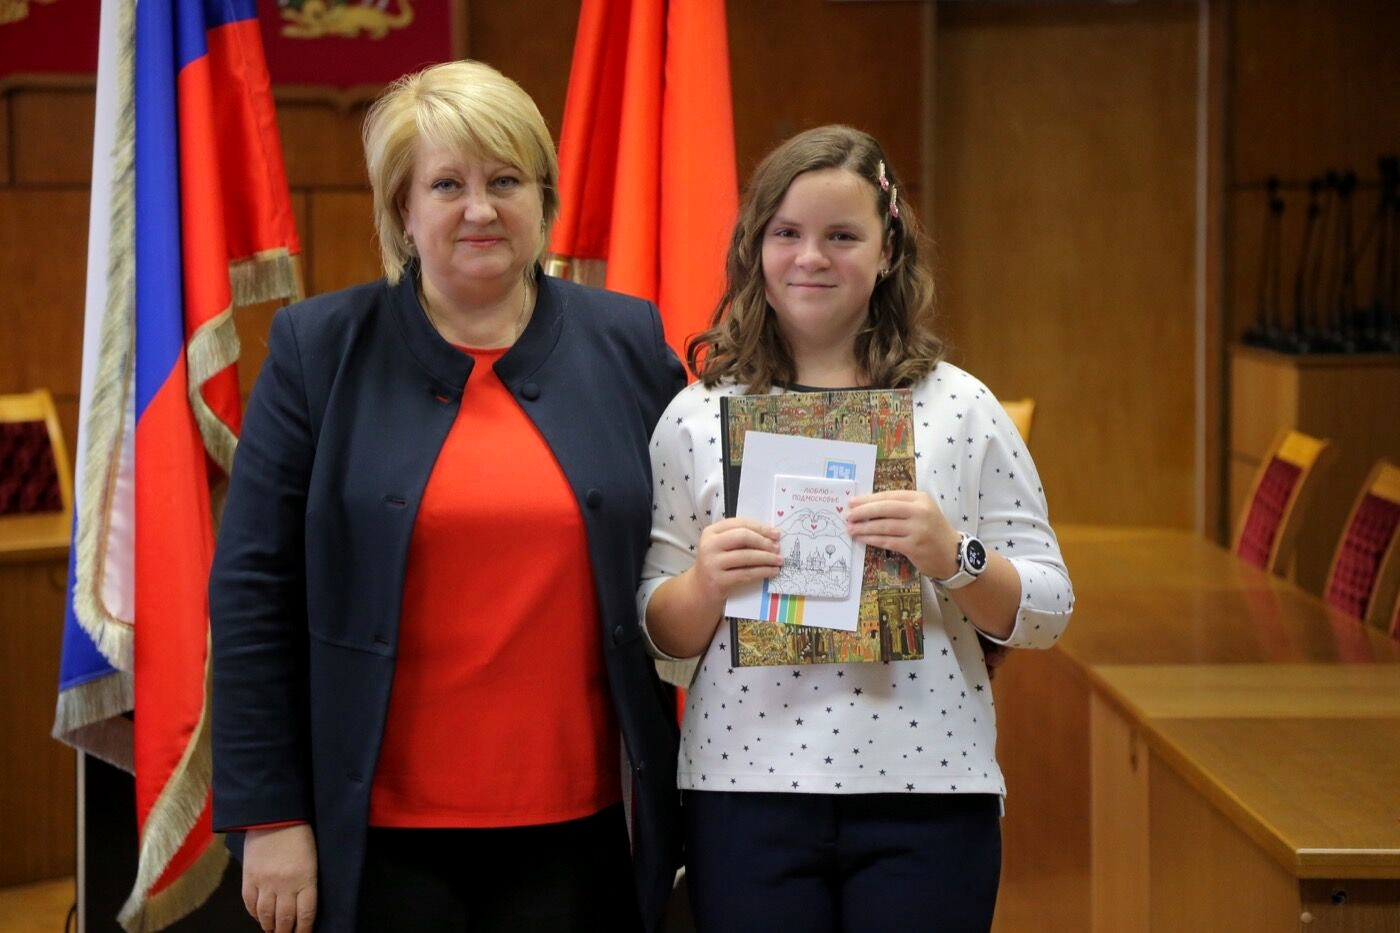 Новости Коломны   Школьники Коломны получили первые паспорта из рук замглавы округа Фото (Коломна)   iz zhizni kolomnyi